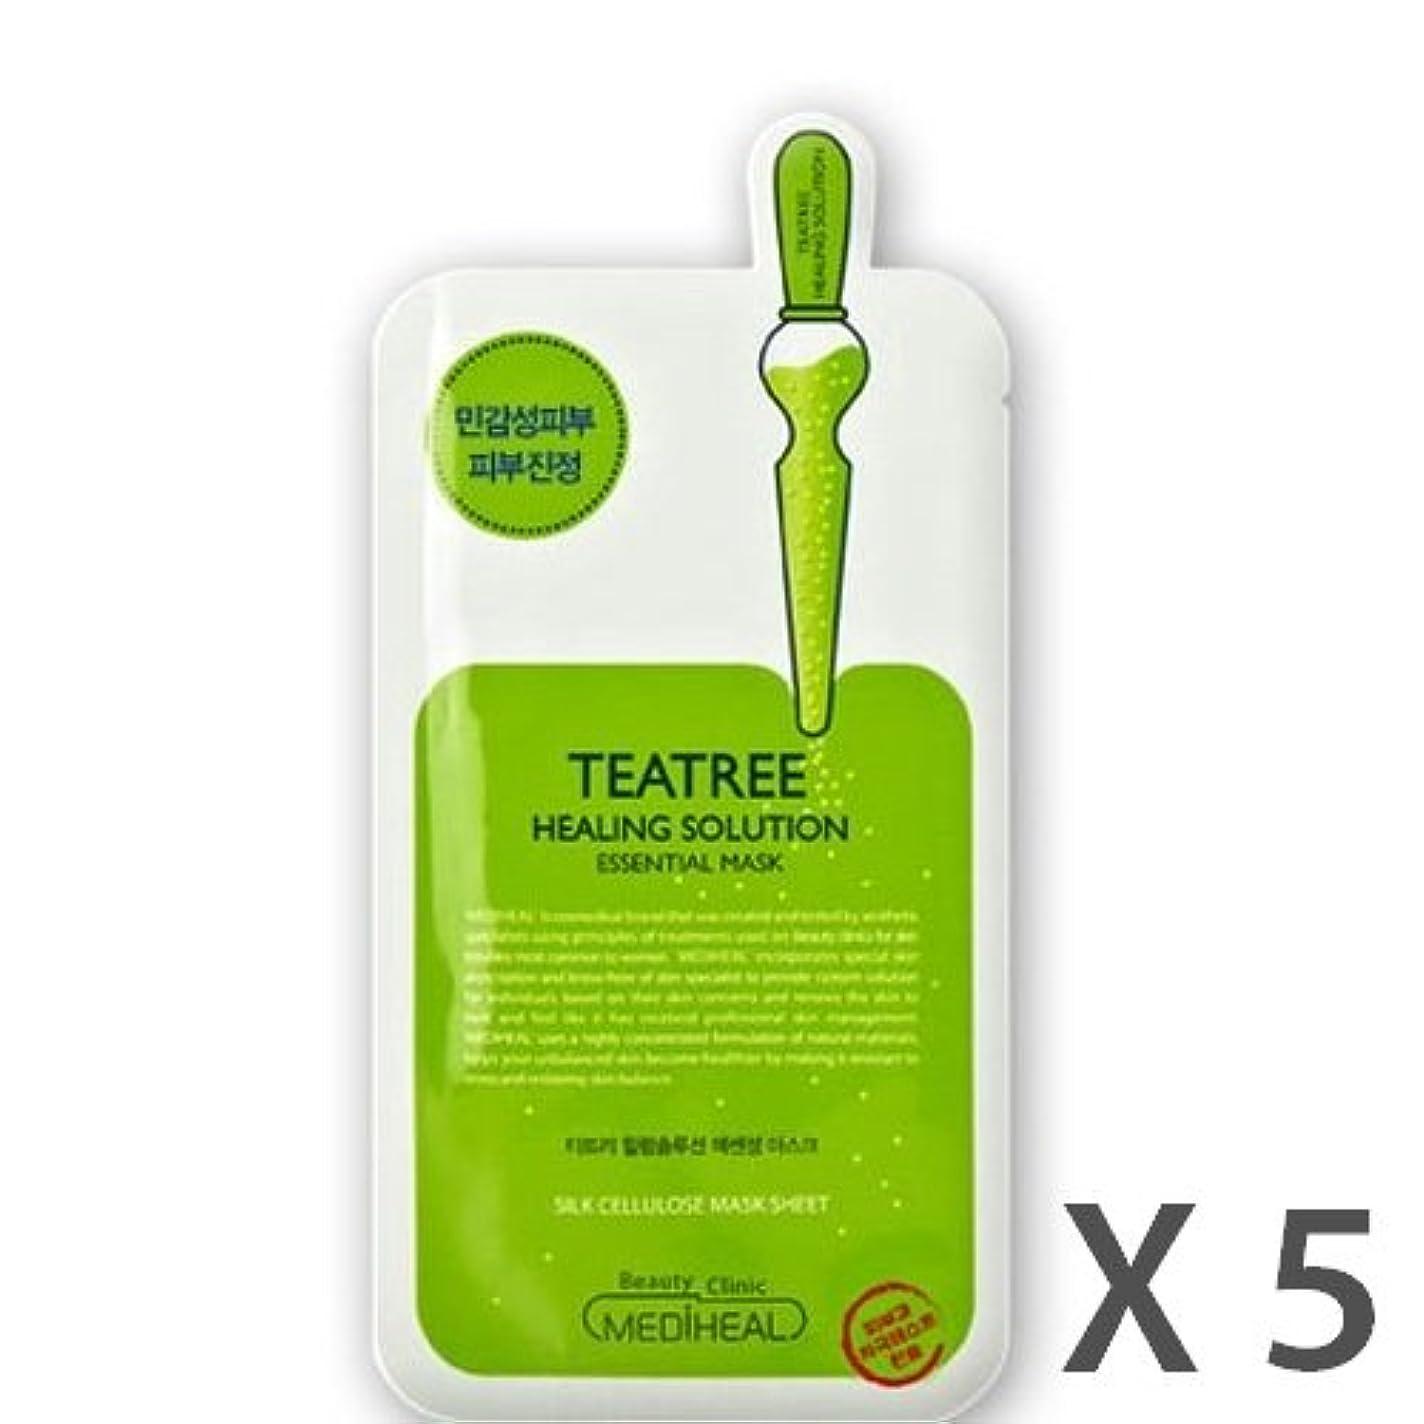 テロリストマリン摩擦MEDIHEAL Tea Tree Healing Solution Essential Mask 5ea /メディヒール ティー ツリー ヒーリングソリューションエッセンシャルマスク 5ea [並行輸入品]